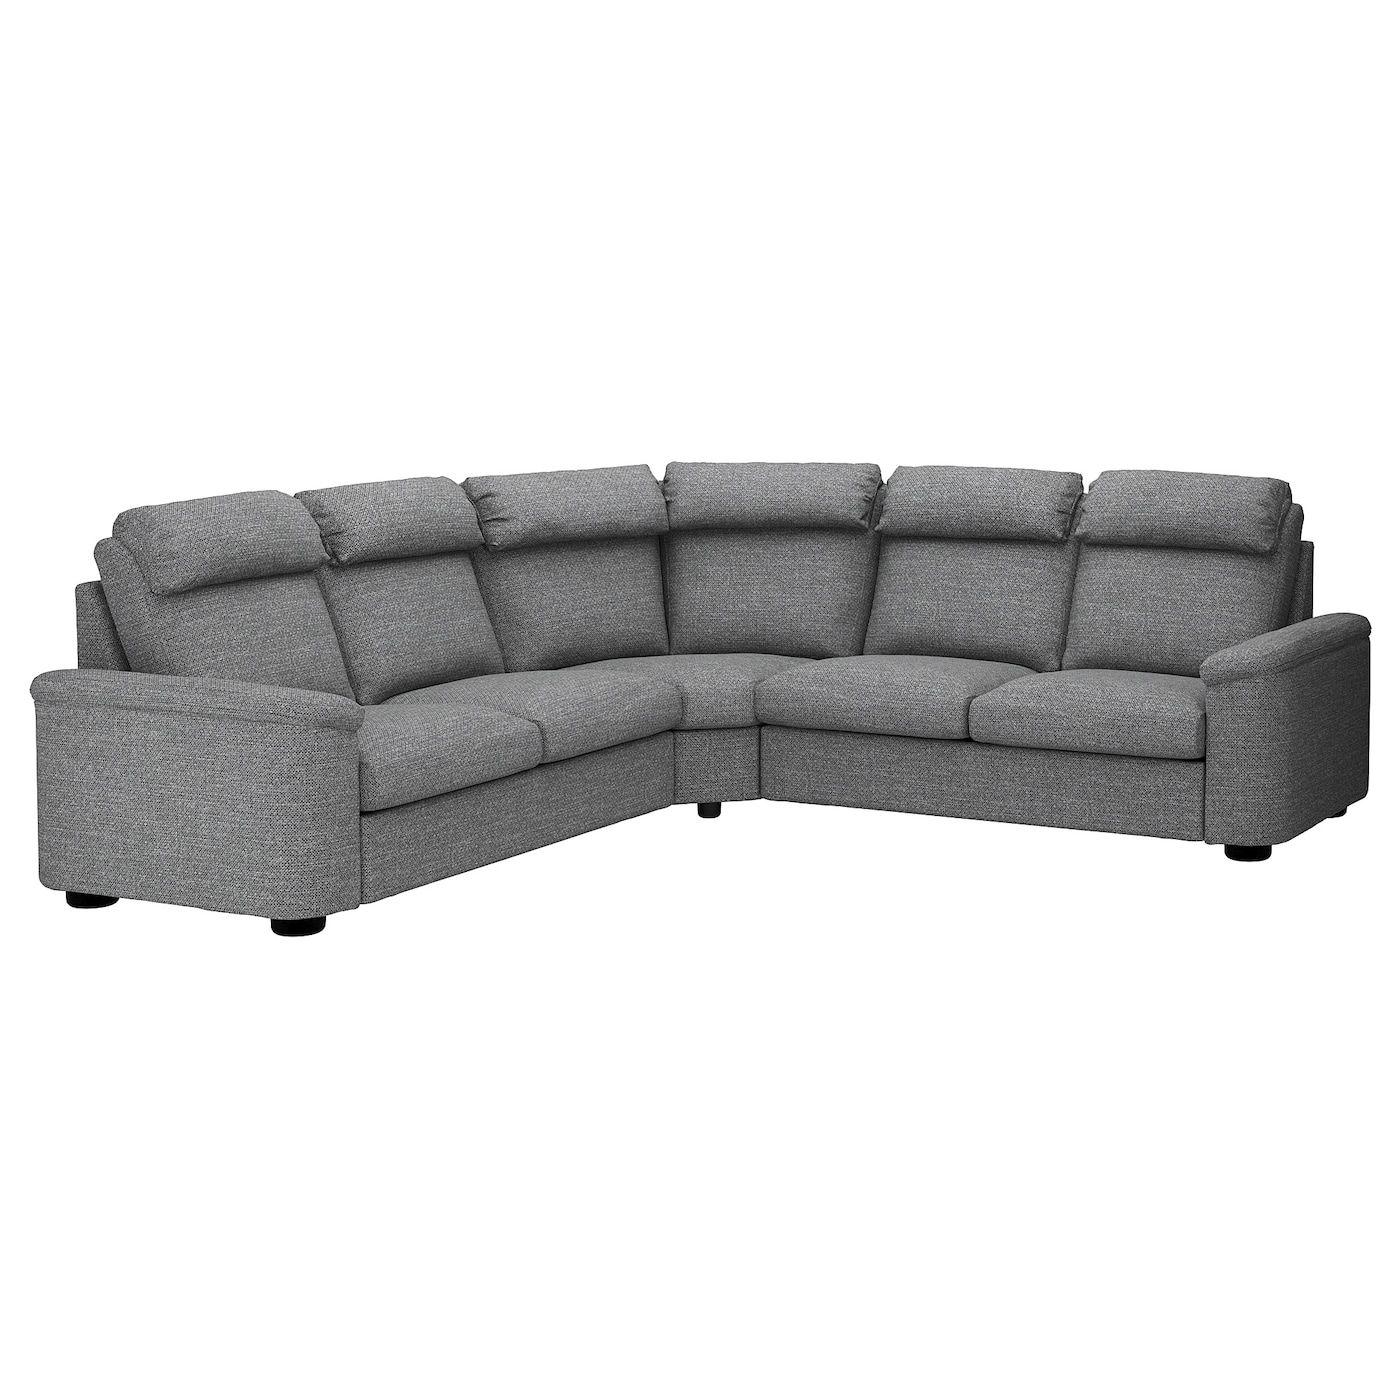 Lidhult Ecksofa 5 Sitzig Lejde Grau Schwarz Ikea Ecksofa Sofa